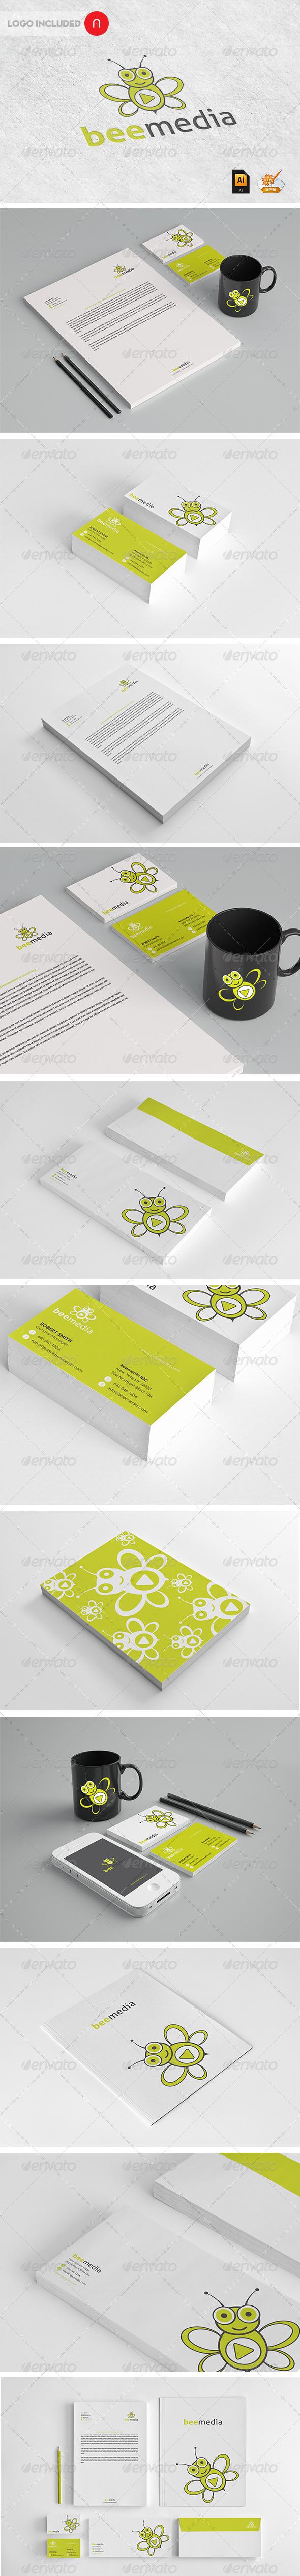 Stationary & Identity - Bee Media - Stationery Print Templates